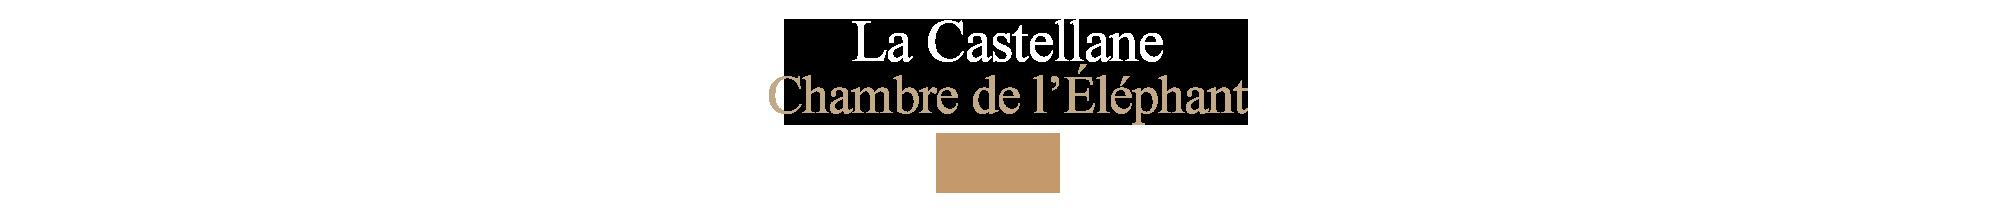 Chambre-éléphant--la-Castellane